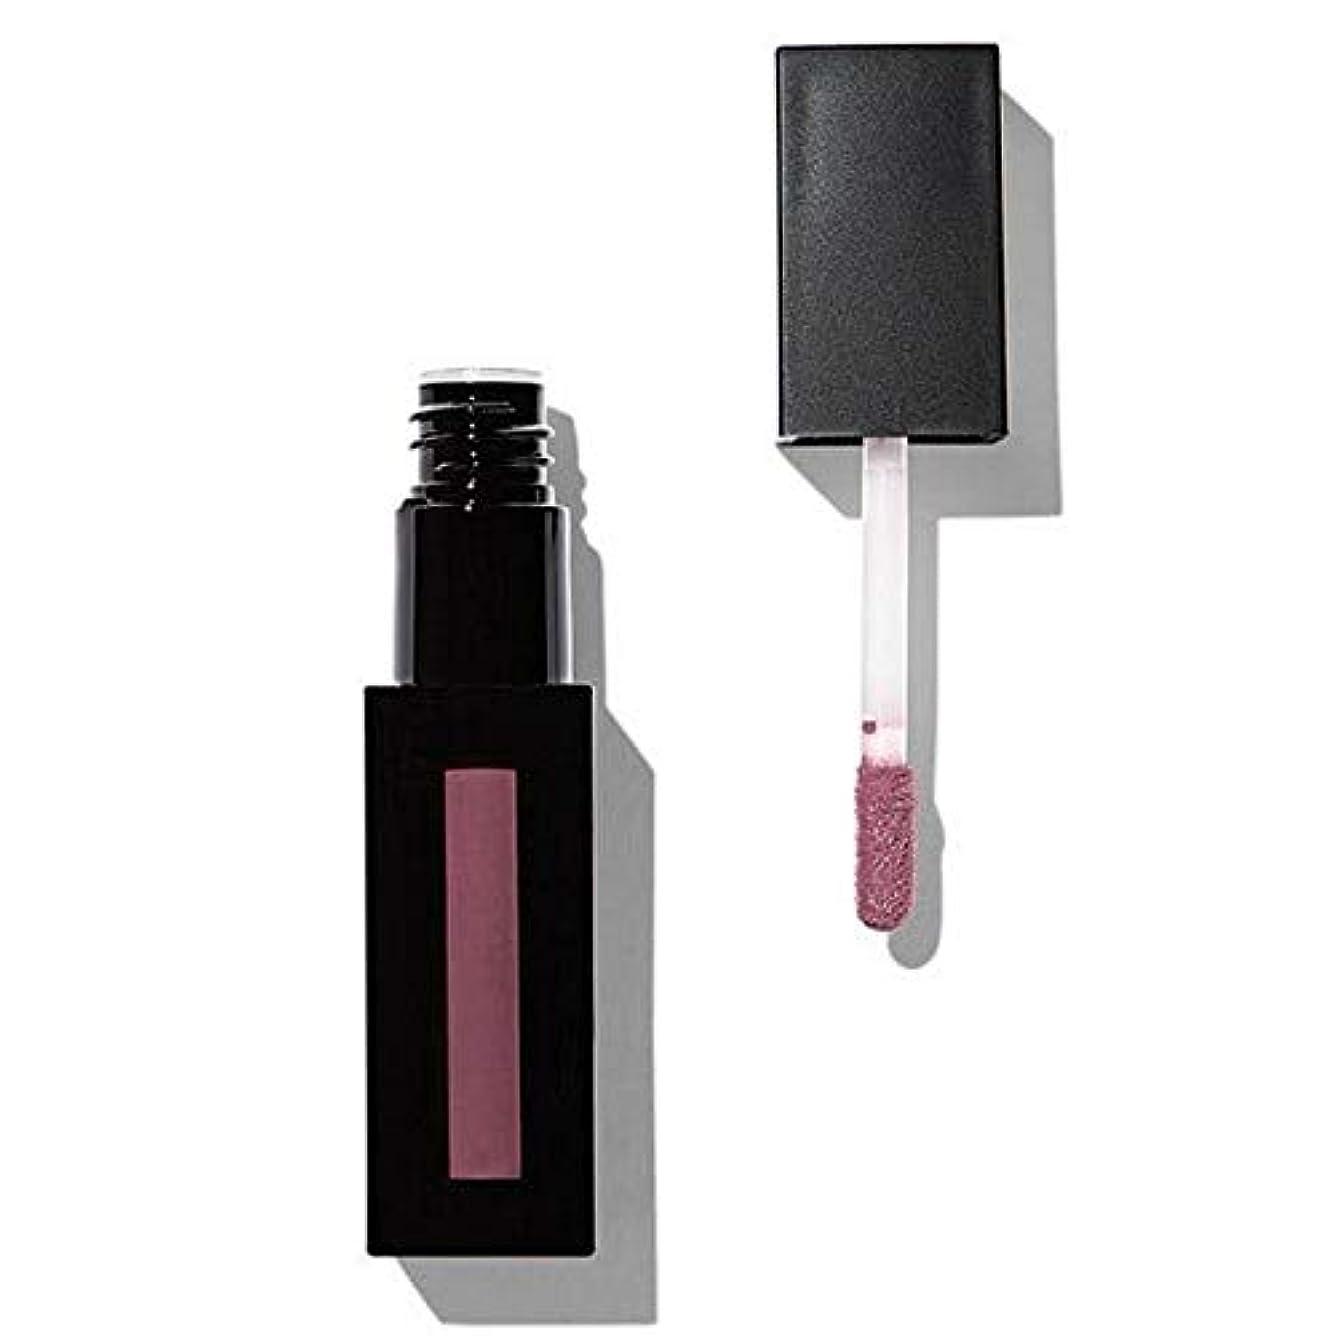 肘コンバーチブル気を散らす[Revolution ] 革命プロ最高のマットリップ顔料先見の明 - Revolution Pro Supreme Matte Lip Pigment Visionary [並行輸入品]